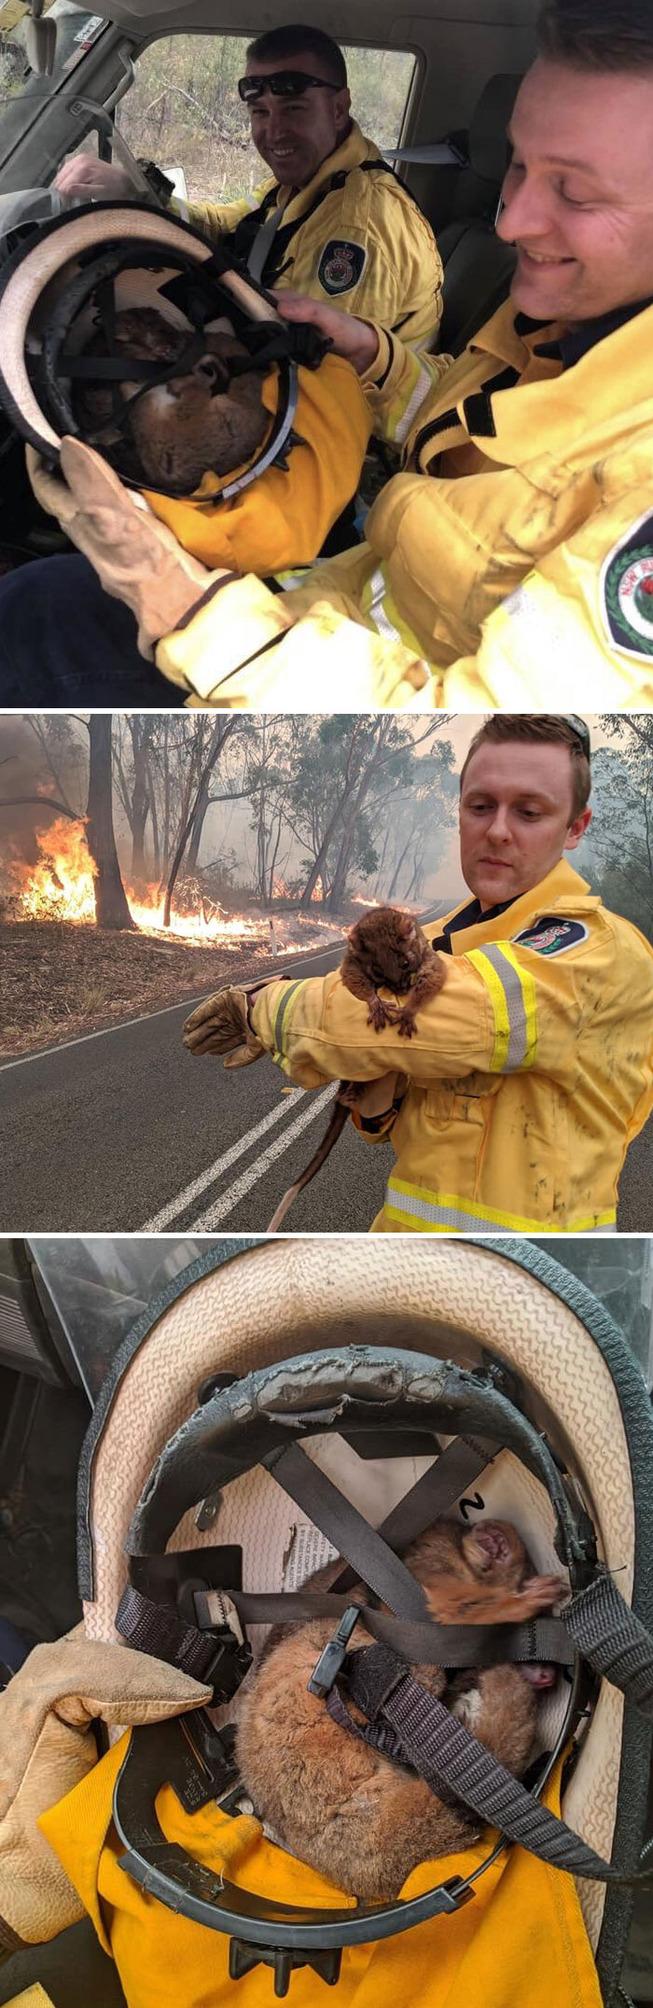 australia-fires-photos-29-5e13019aef27e__700